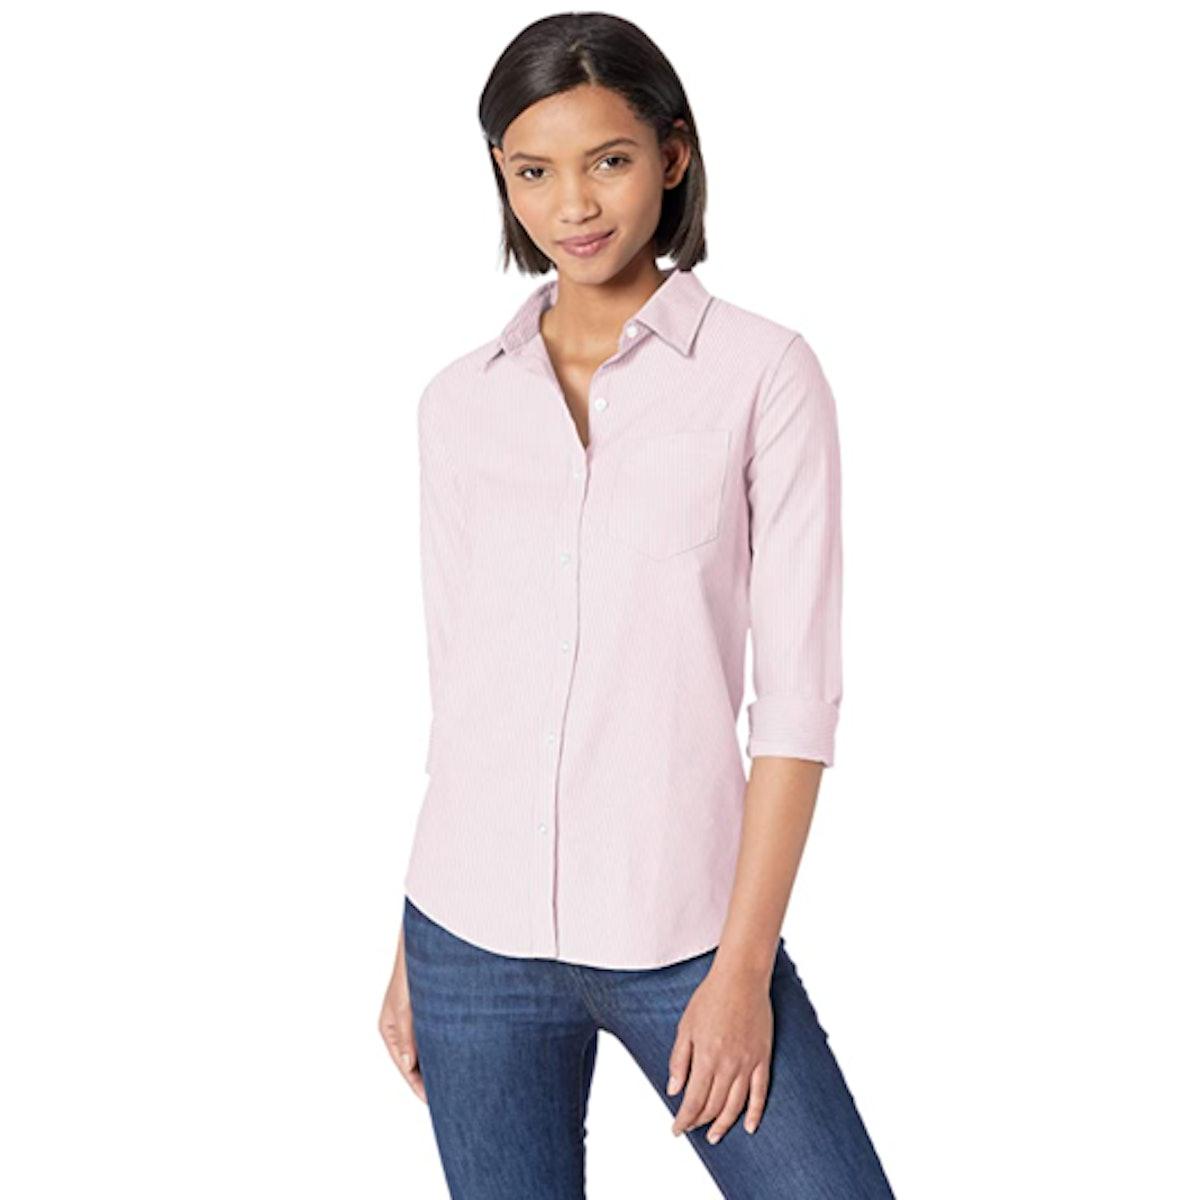 Amazon Essentials Oxford Shirt